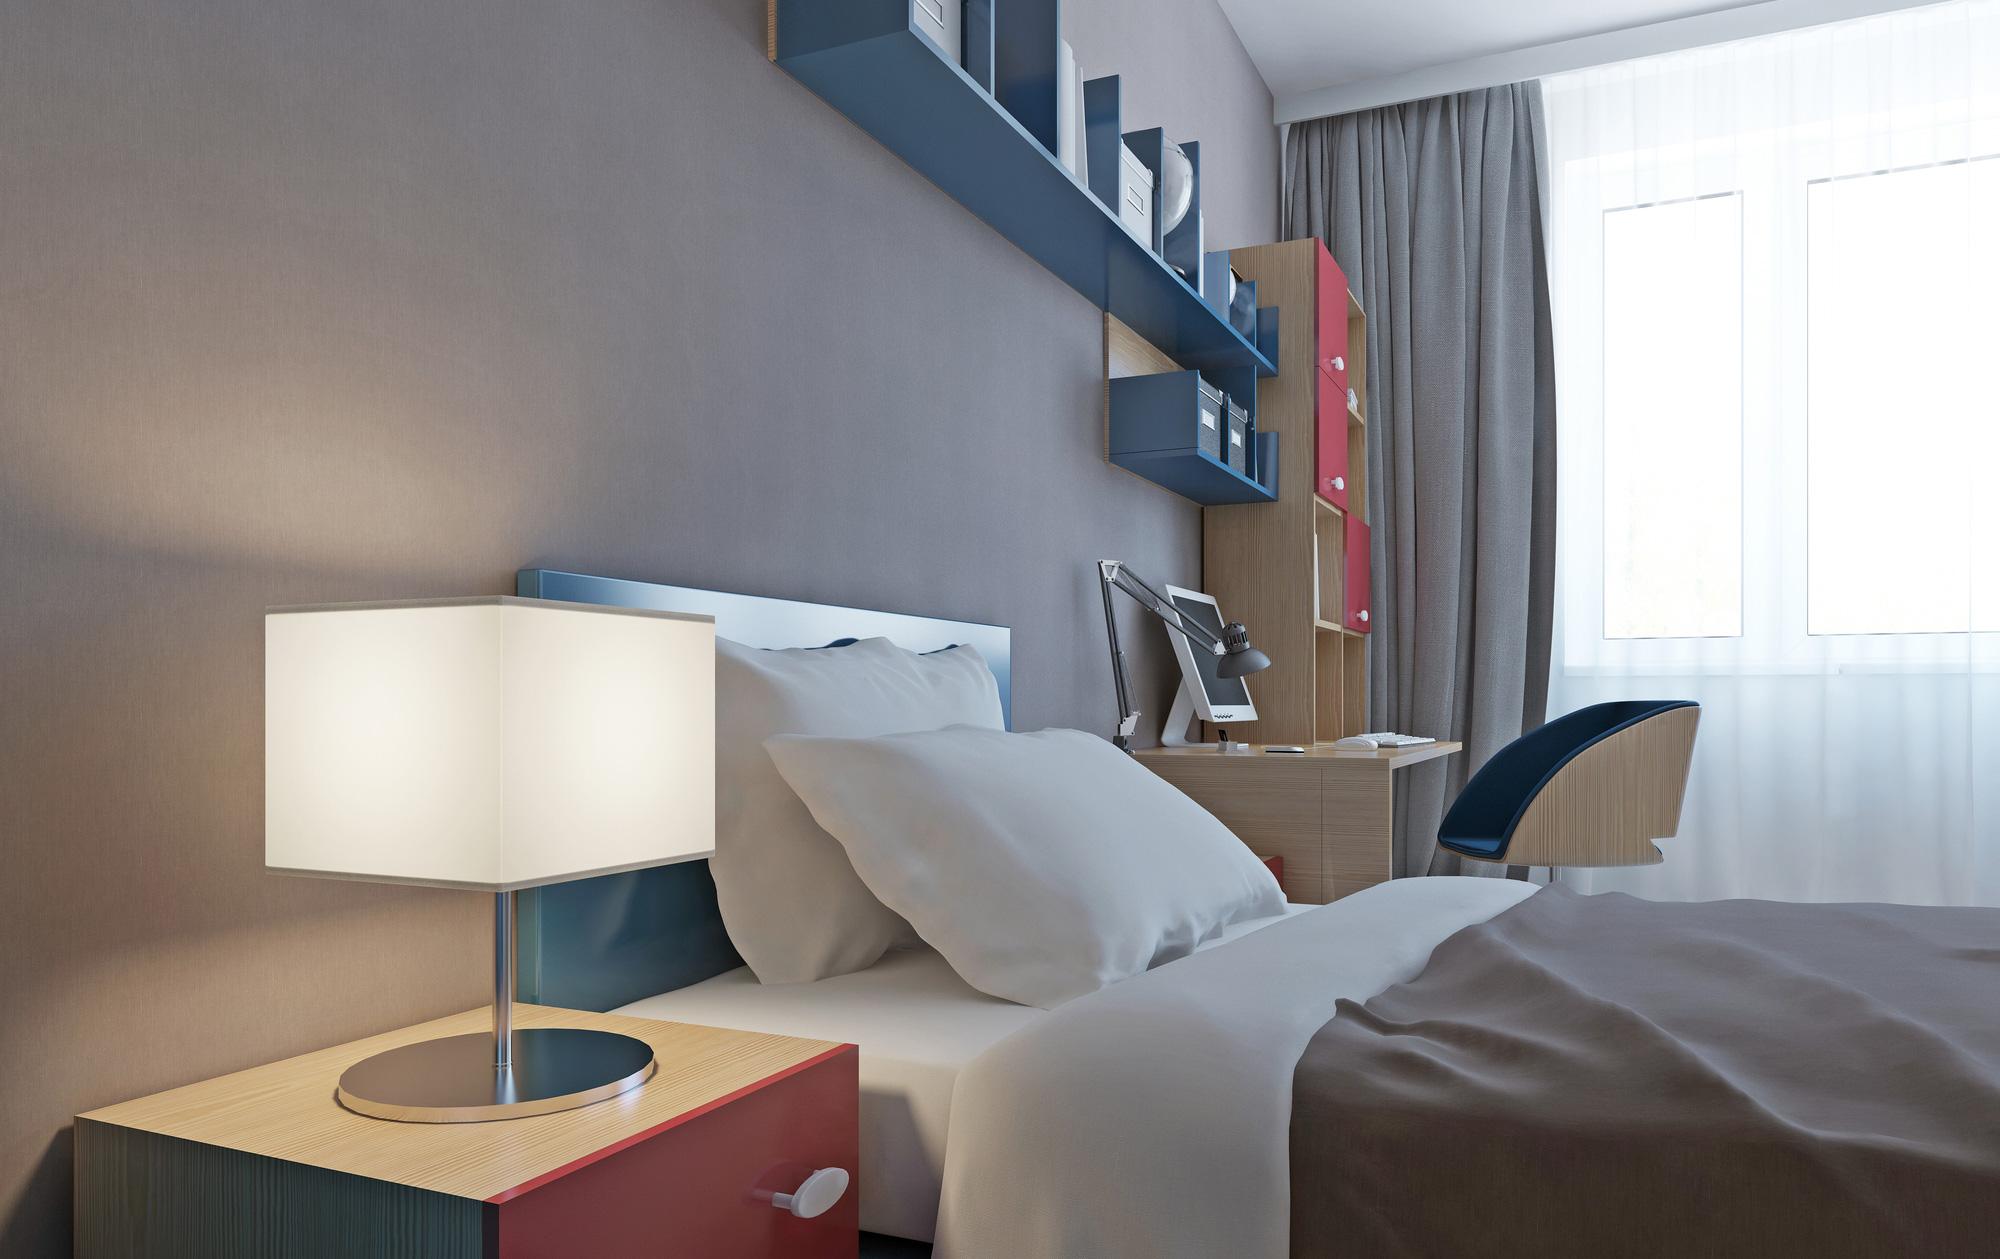 Pareti color tortora 6 abbinamenti perfetti - Camera da letto tortora ...